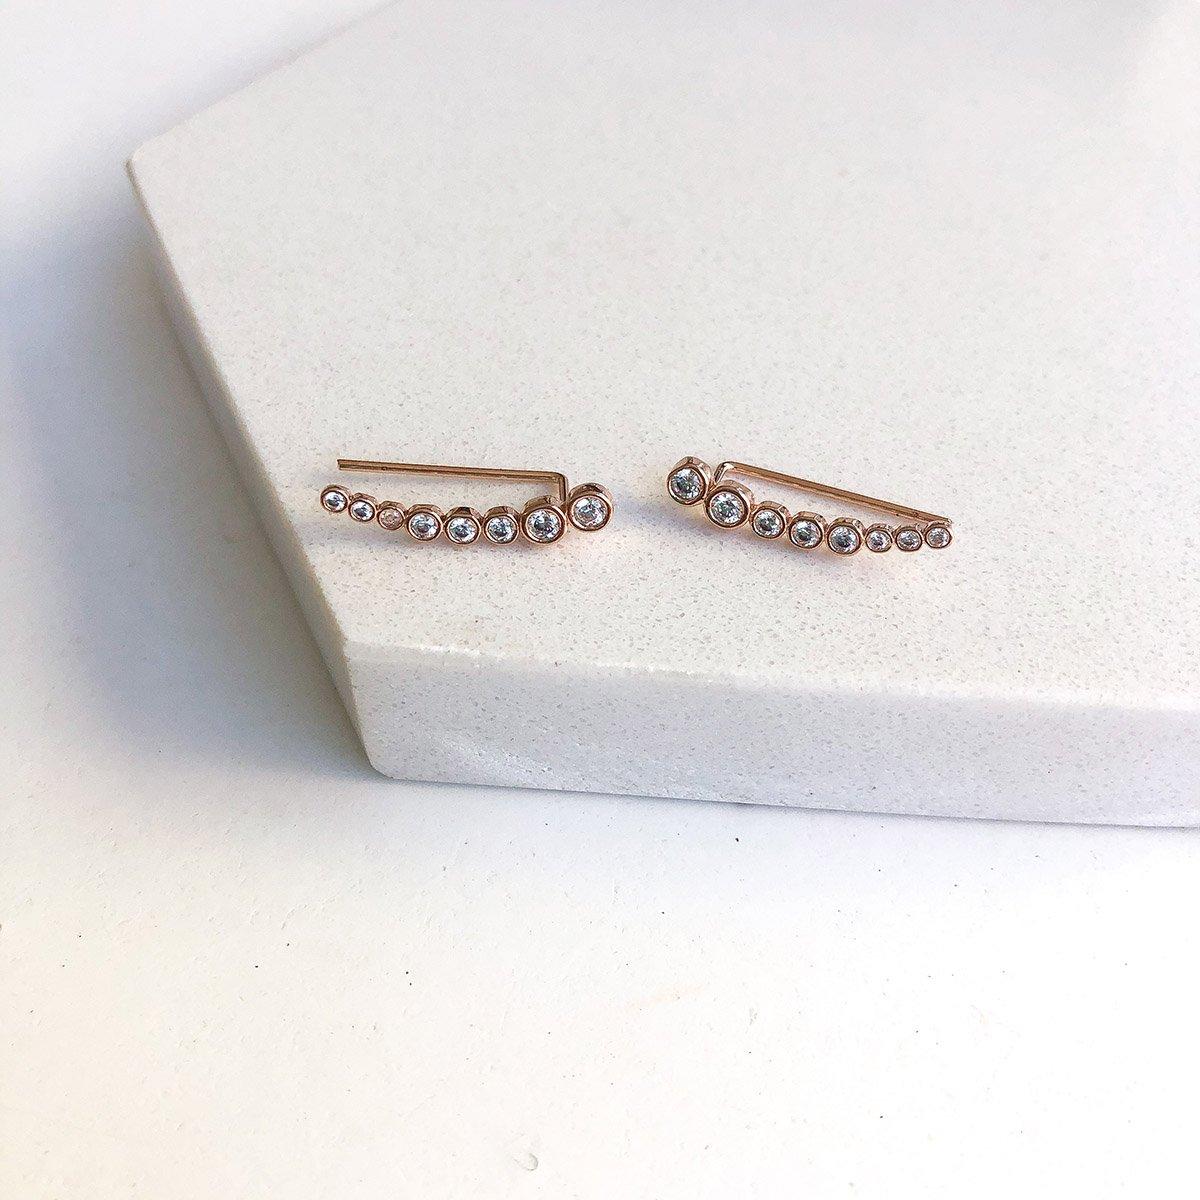 Brinco Ear cuff Pontos de Luz em Prata Banhado a Rosê